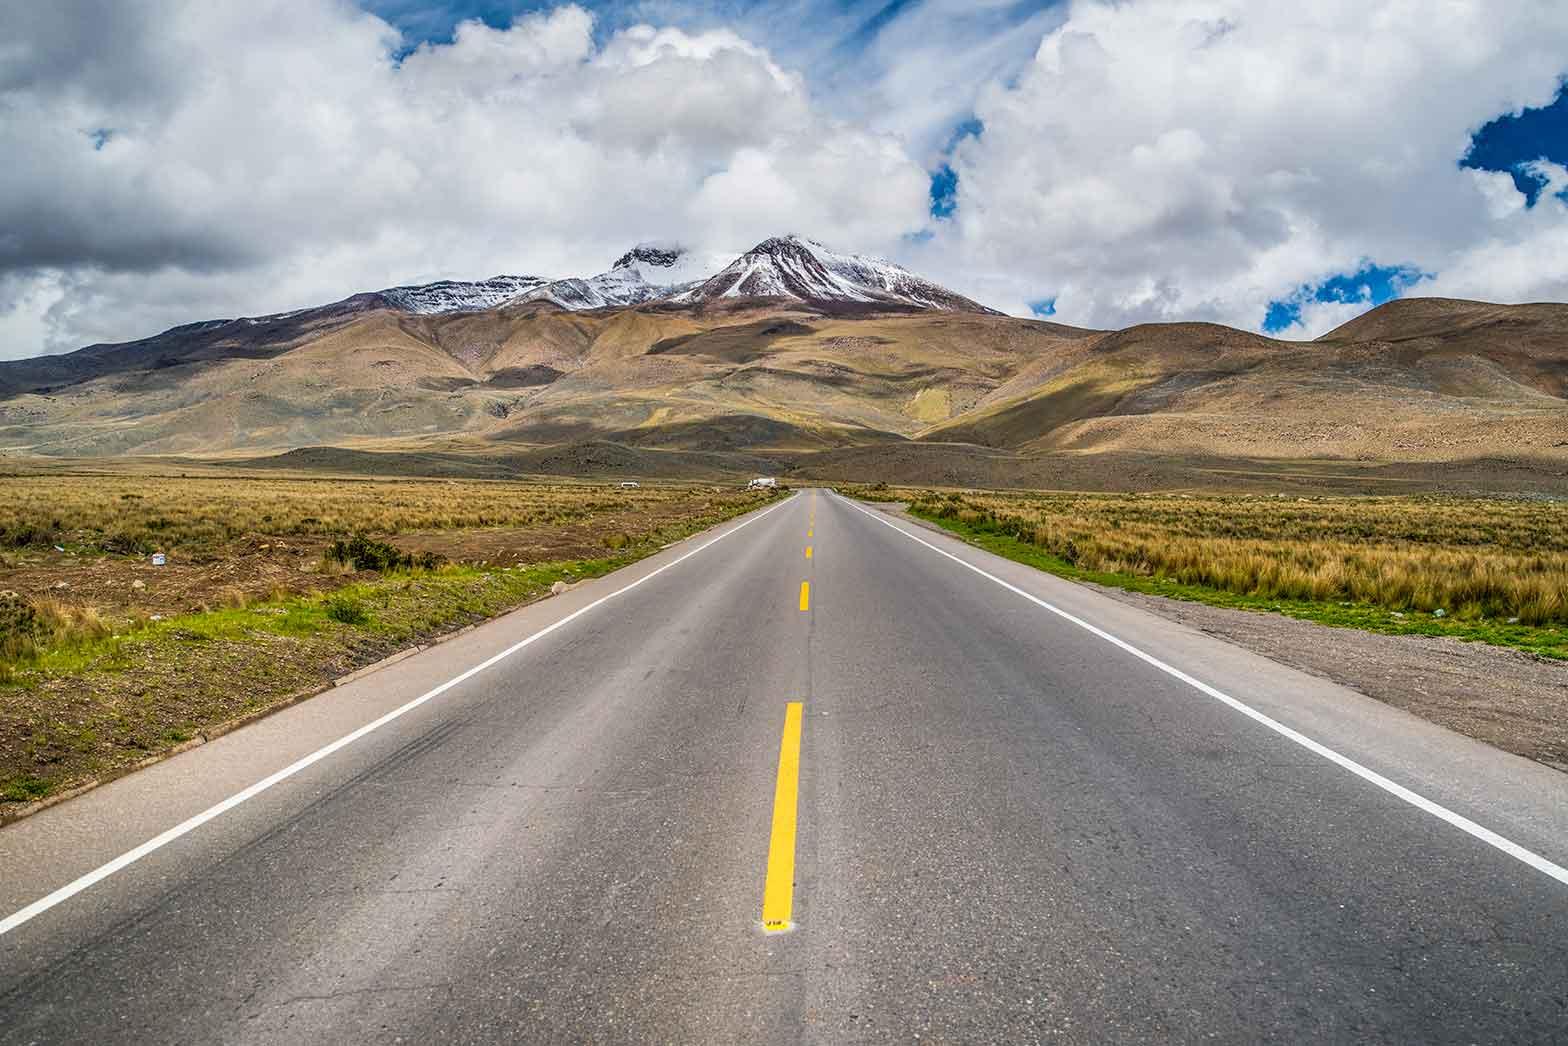 Riding the roads of Peru